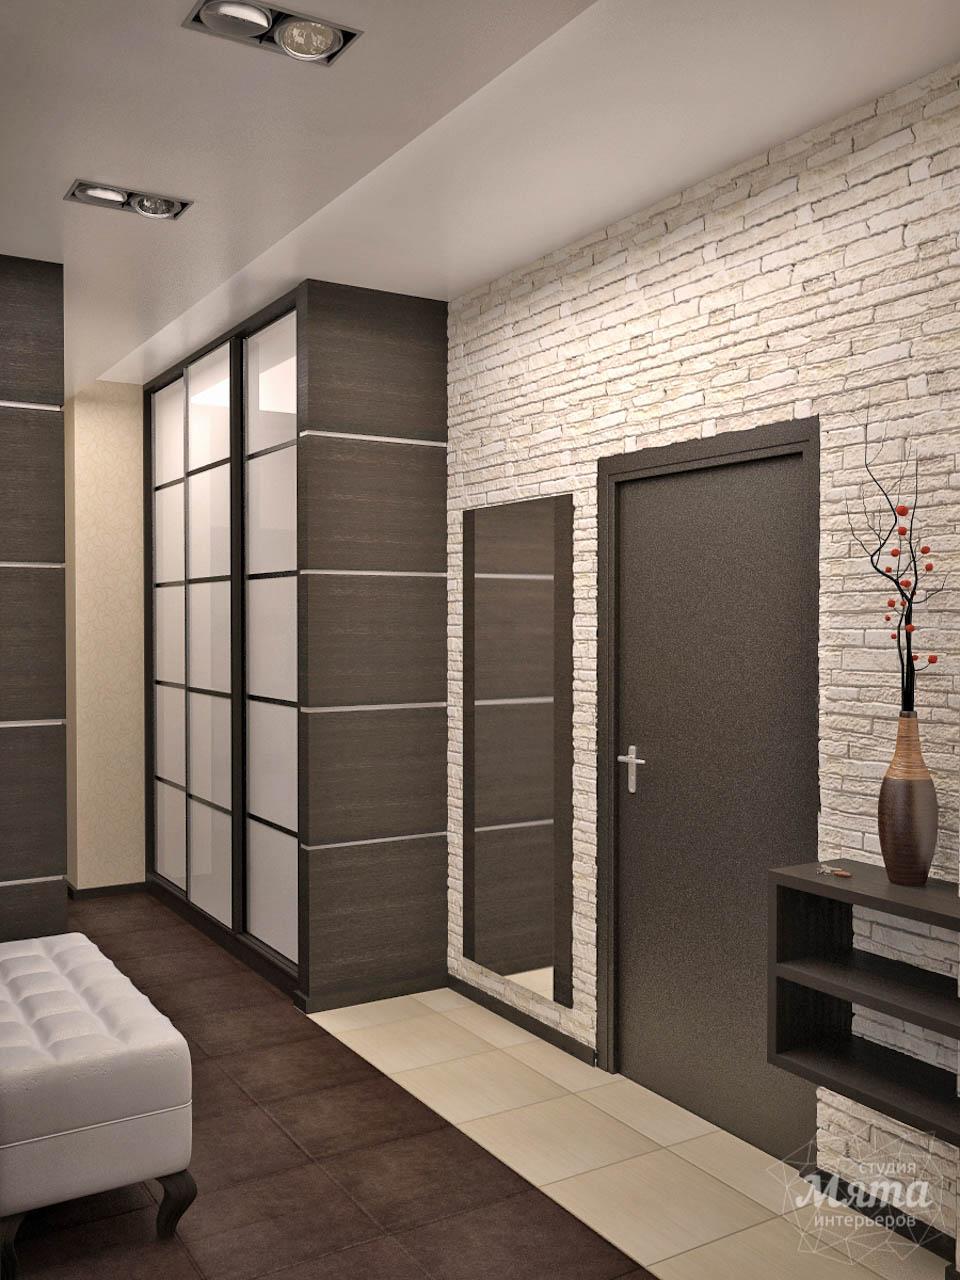 Дизайн интерьера трехкомнатной квартиры по ул. Папанина 18 img871568745